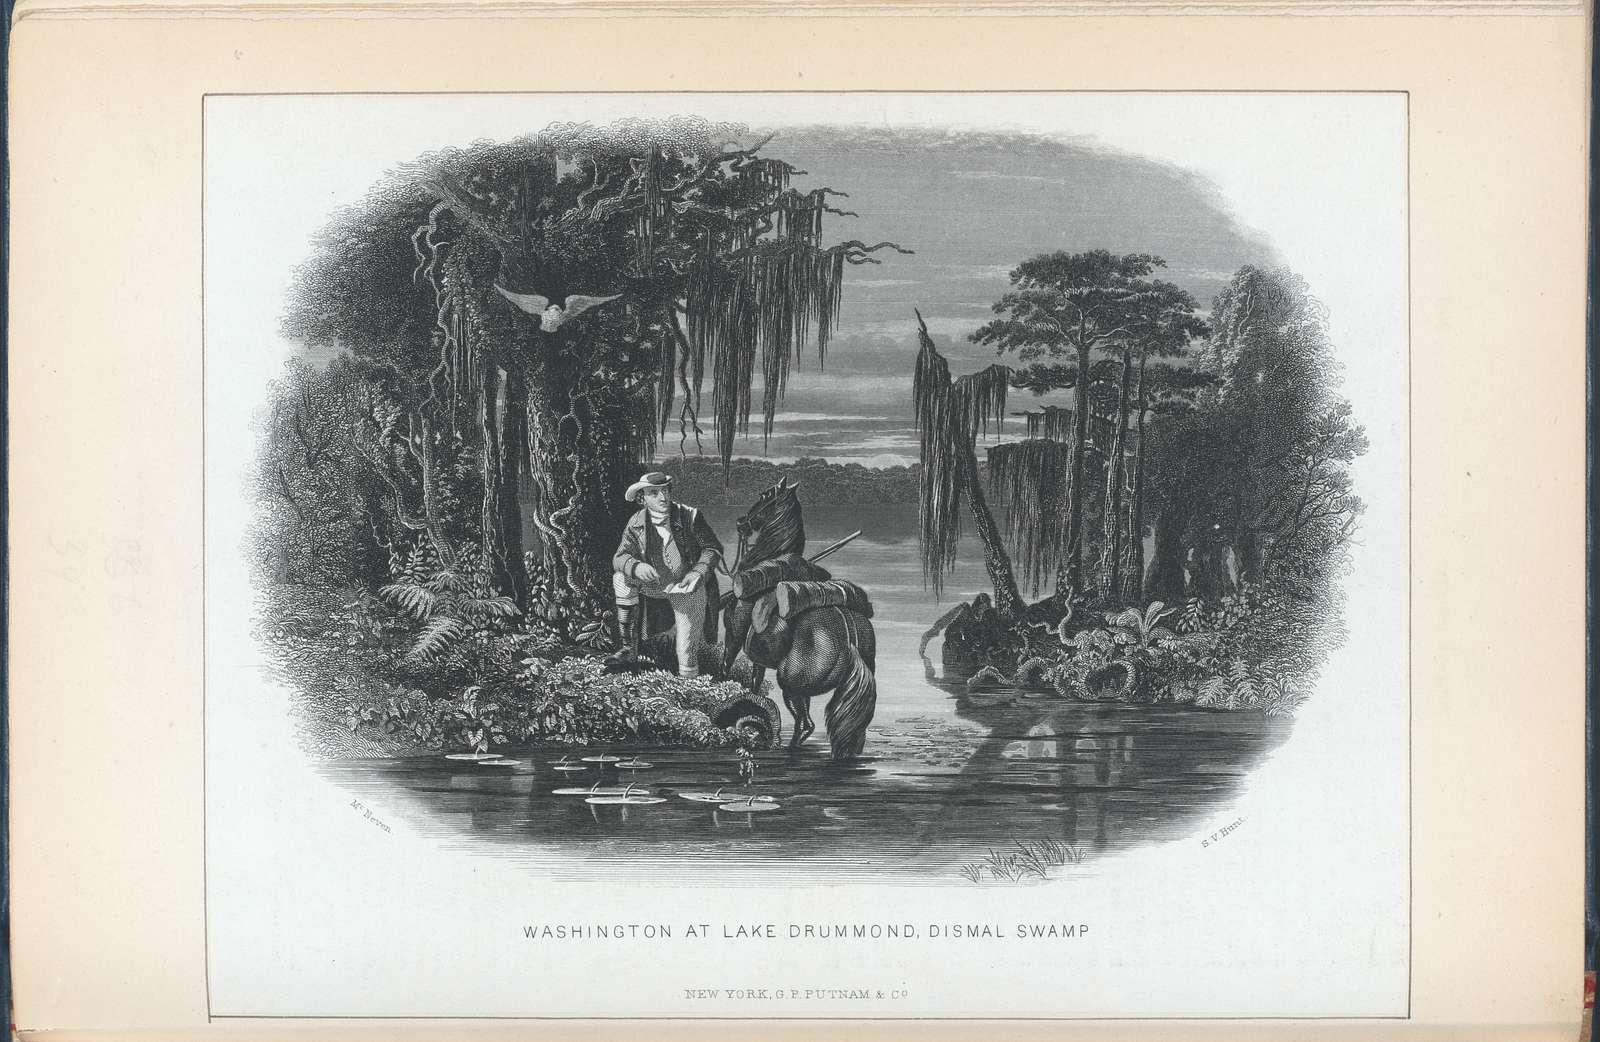 Washington at Lake Drummond, Dismal Swamp.